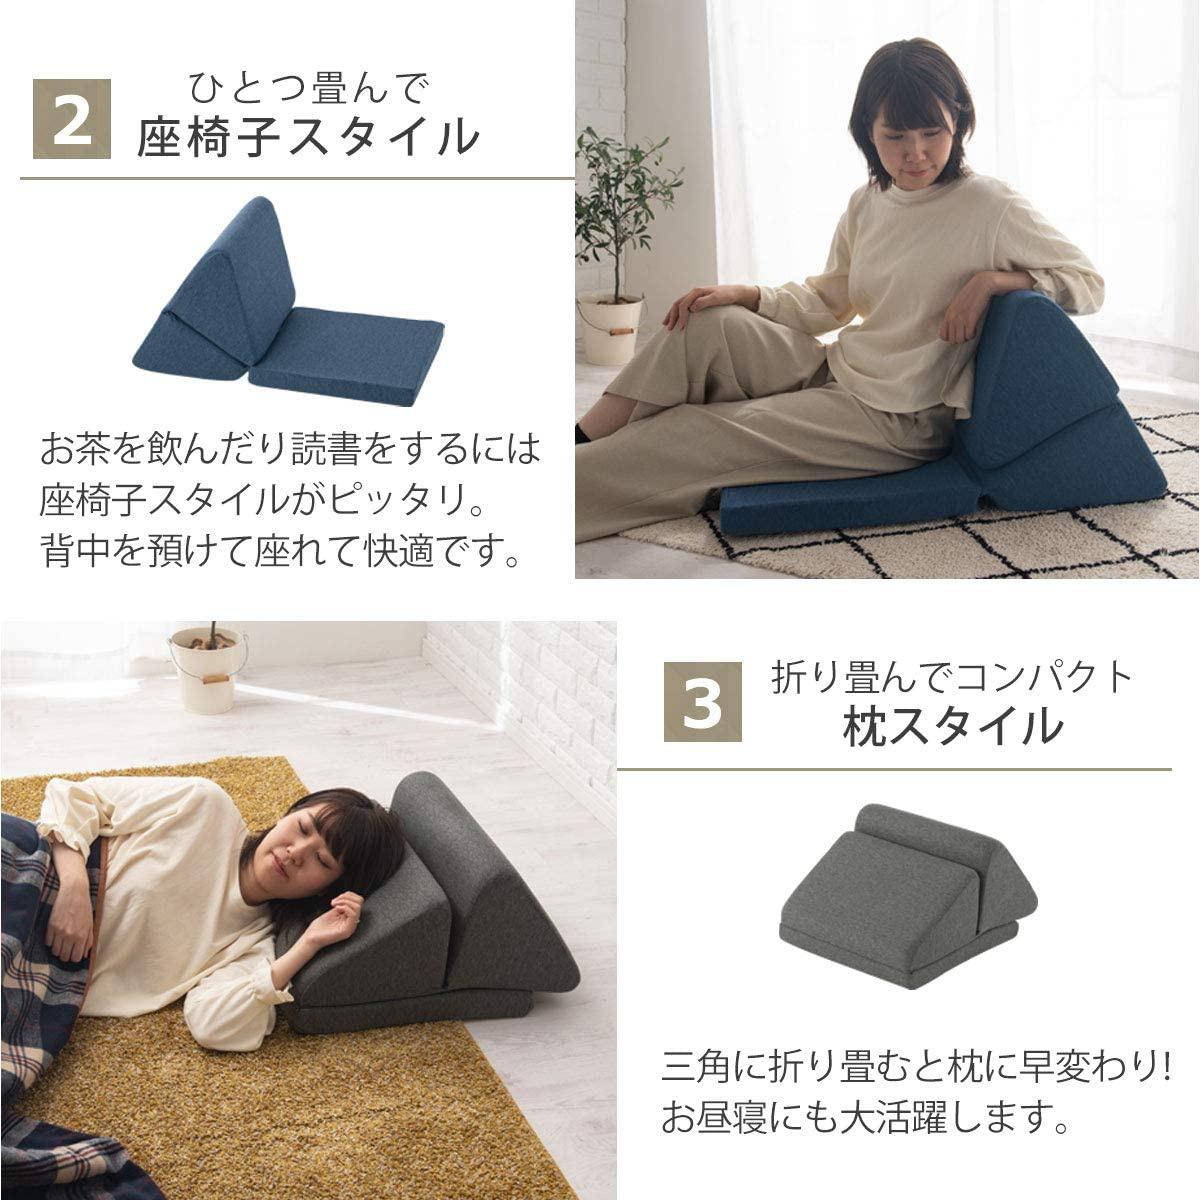 ぼん家具 ごろ寝クッションの商品画像4